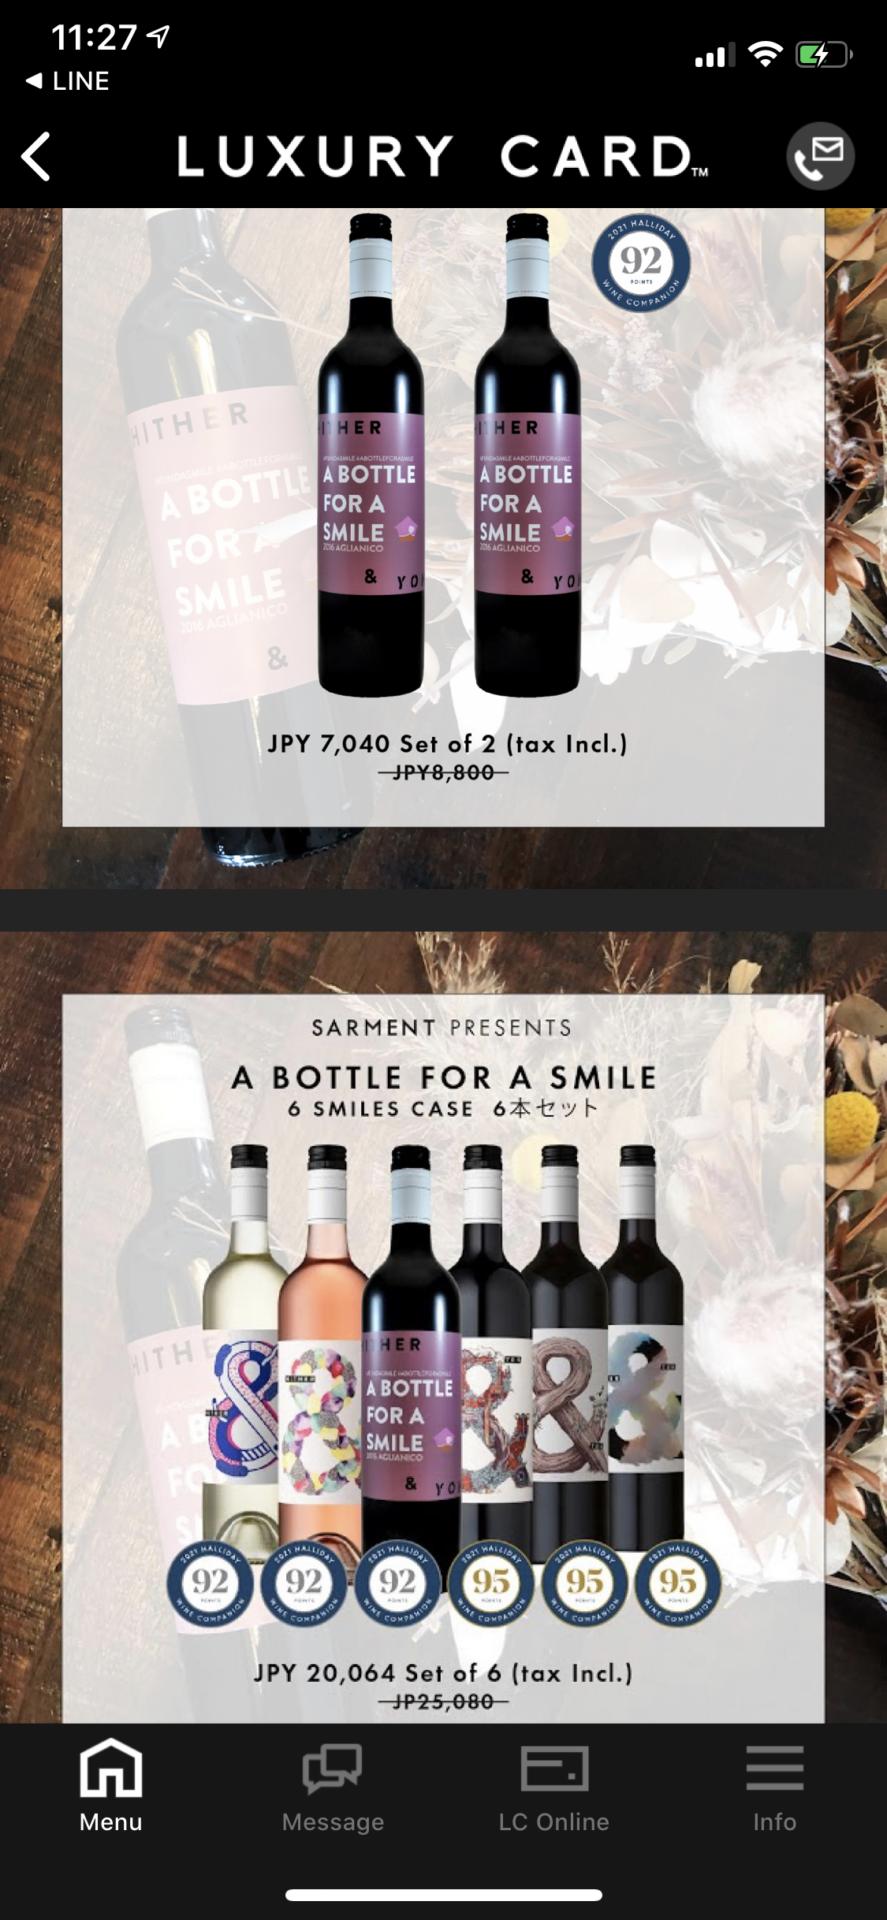 ワイン購入でNPO法人横浜こどもホスピスプロジェクトに寄付 (ラグジュアリーカード) (2)